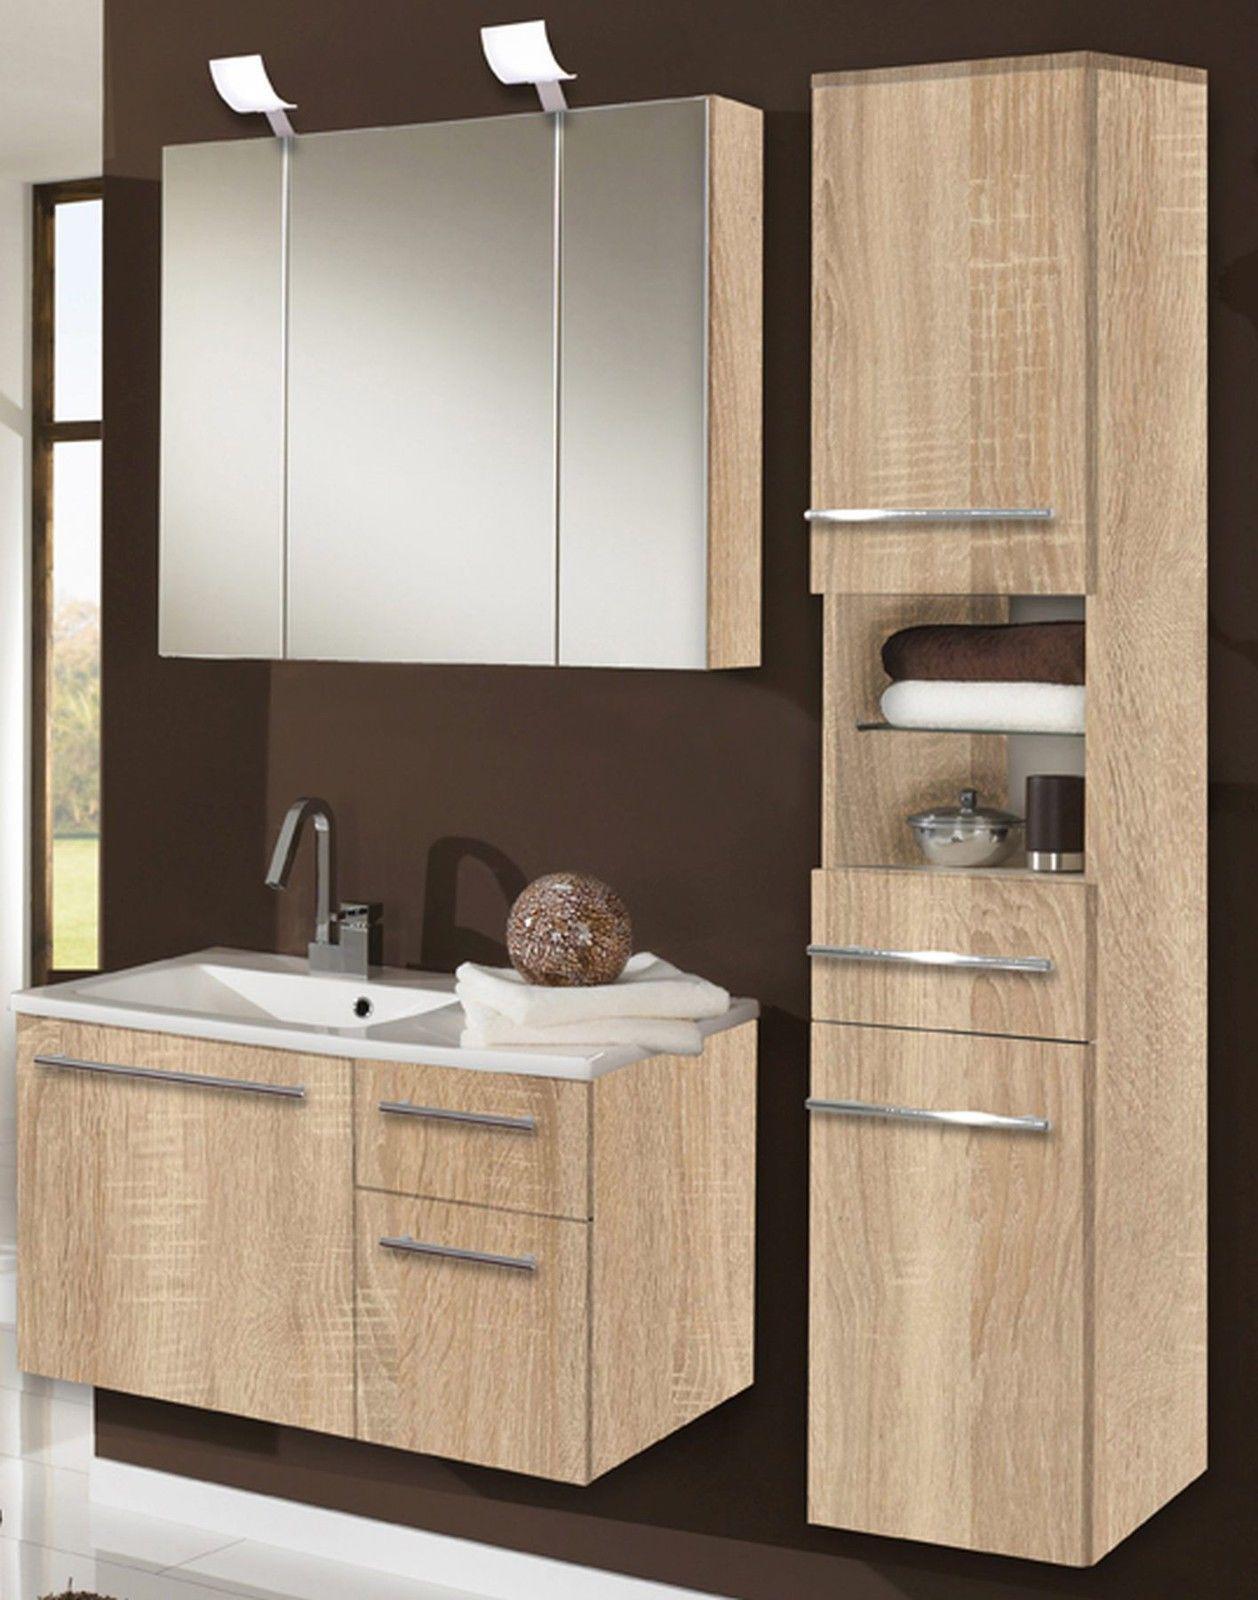 3 tlg badset badmöbel badezimmer waschplatz spiegelschrank